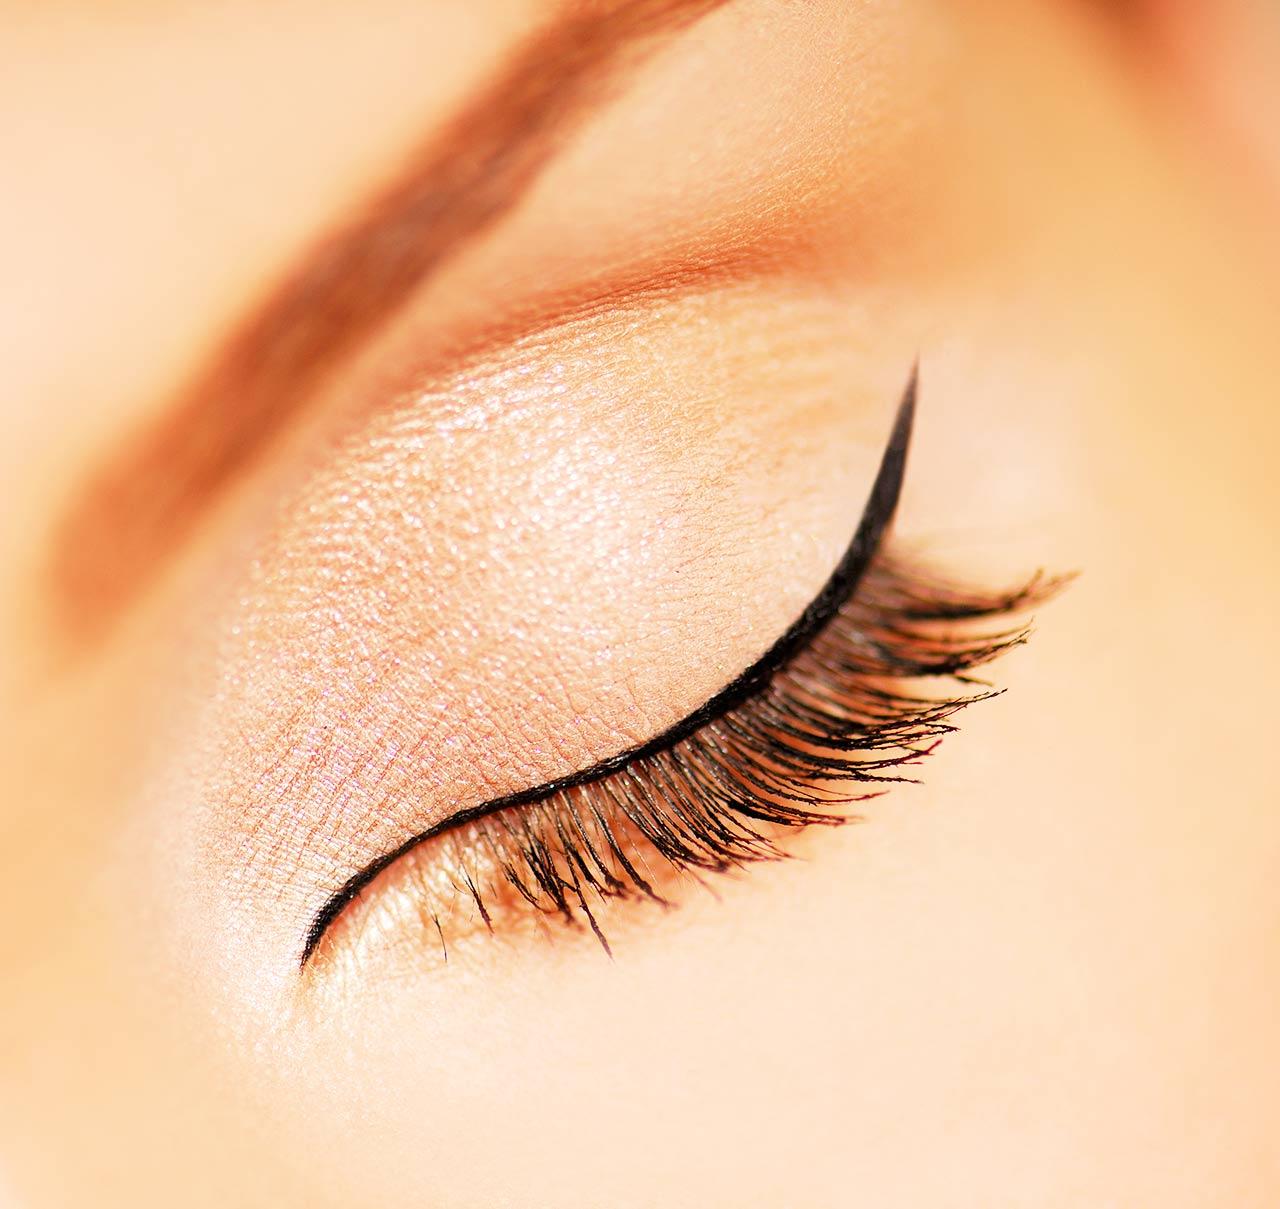 lidstrich ziehen eyeliner auftragen